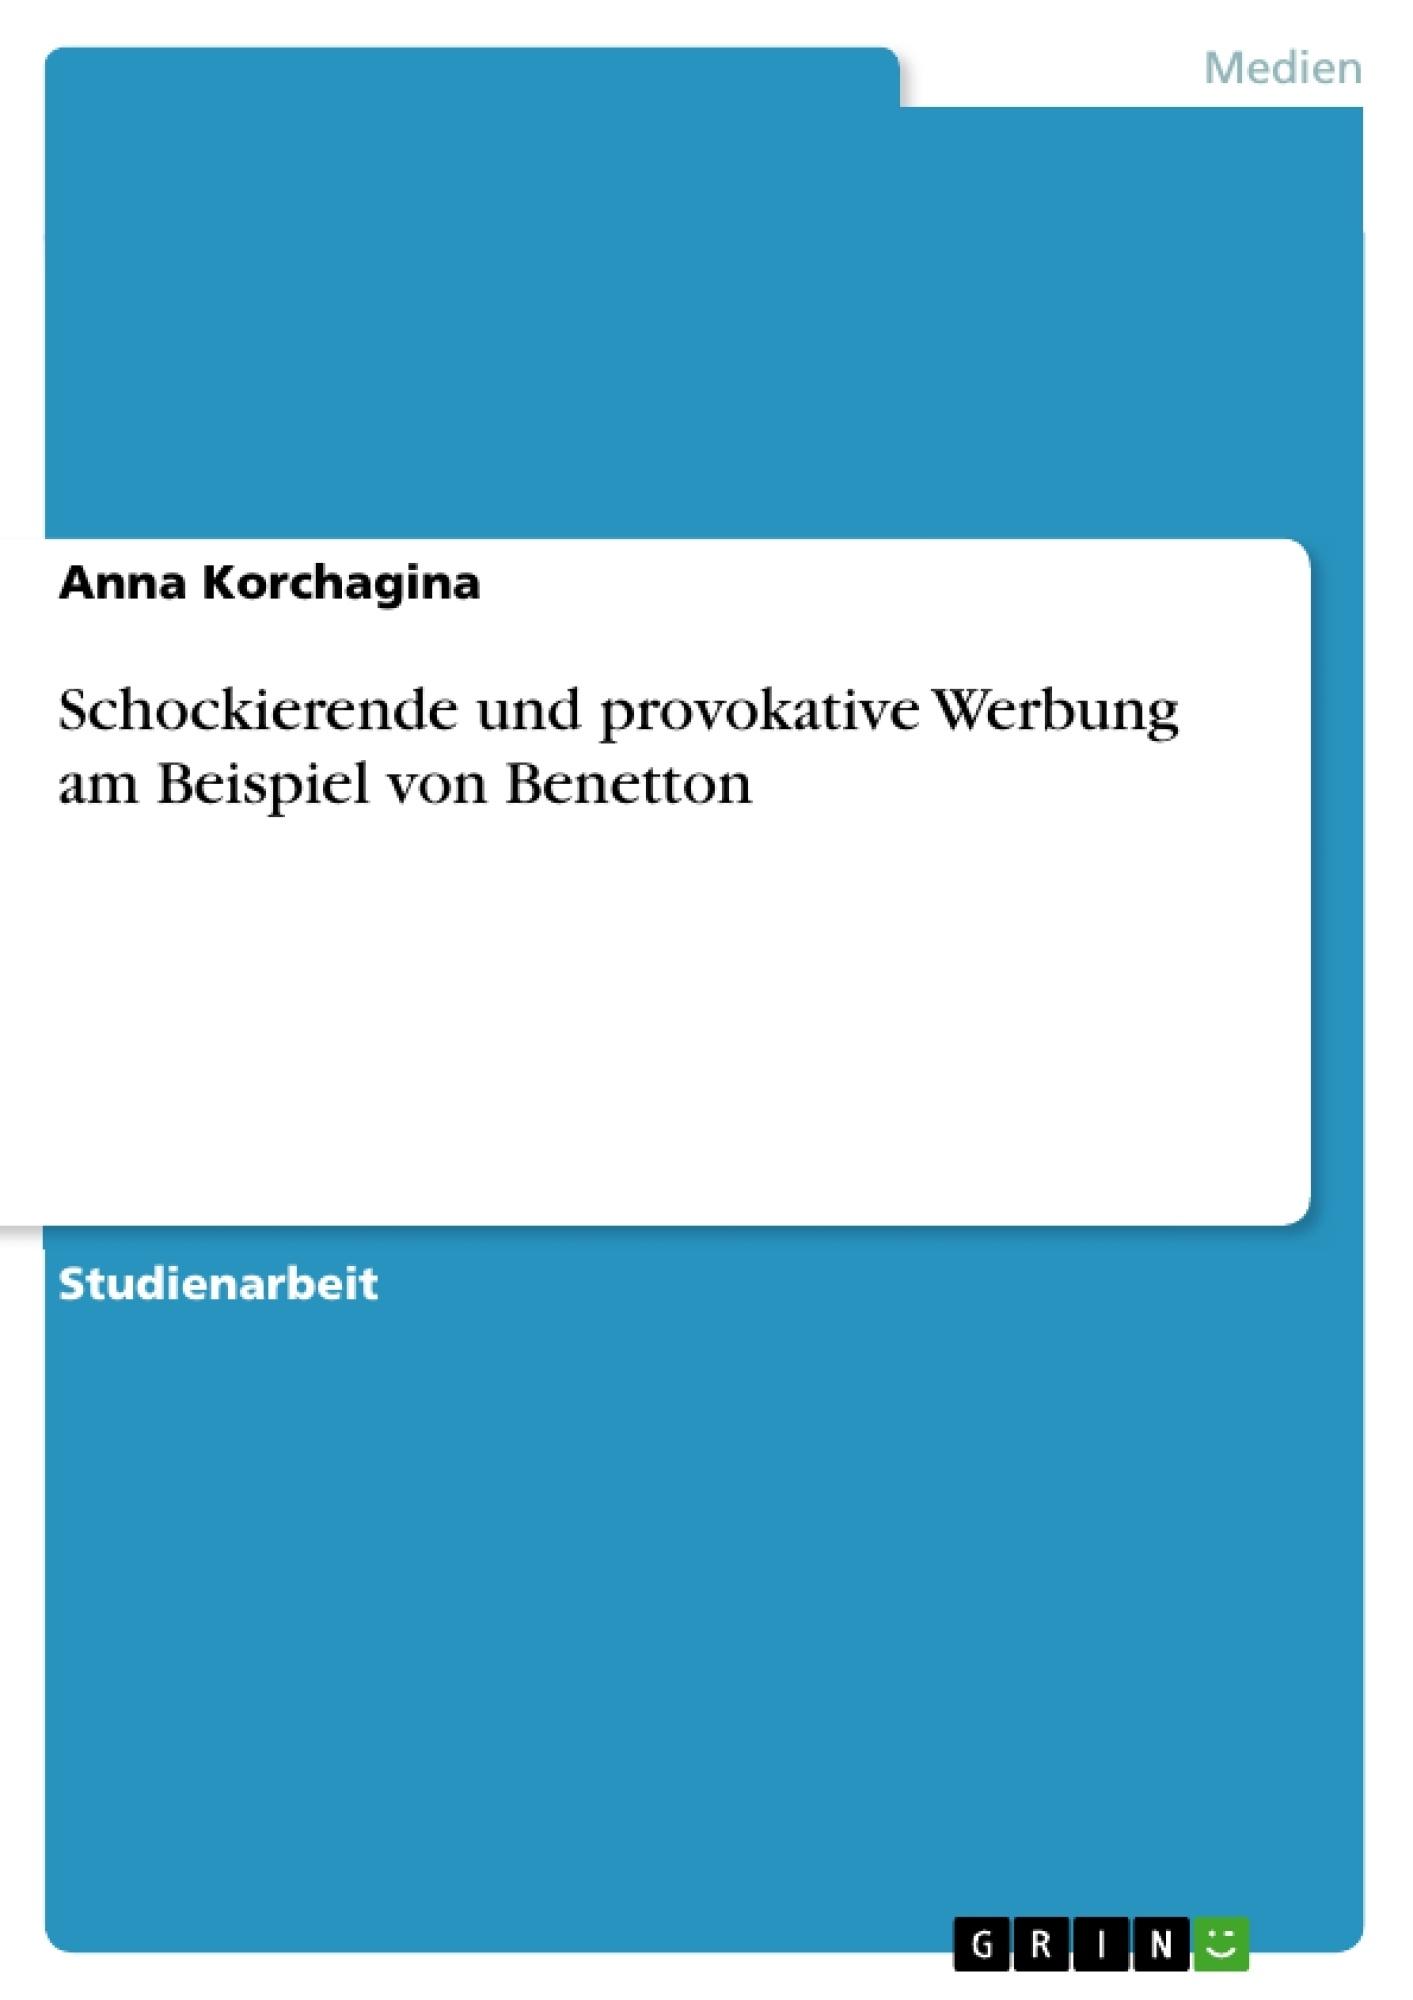 Titel: Schockierende und provokative Werbung am Beispiel von Benetton